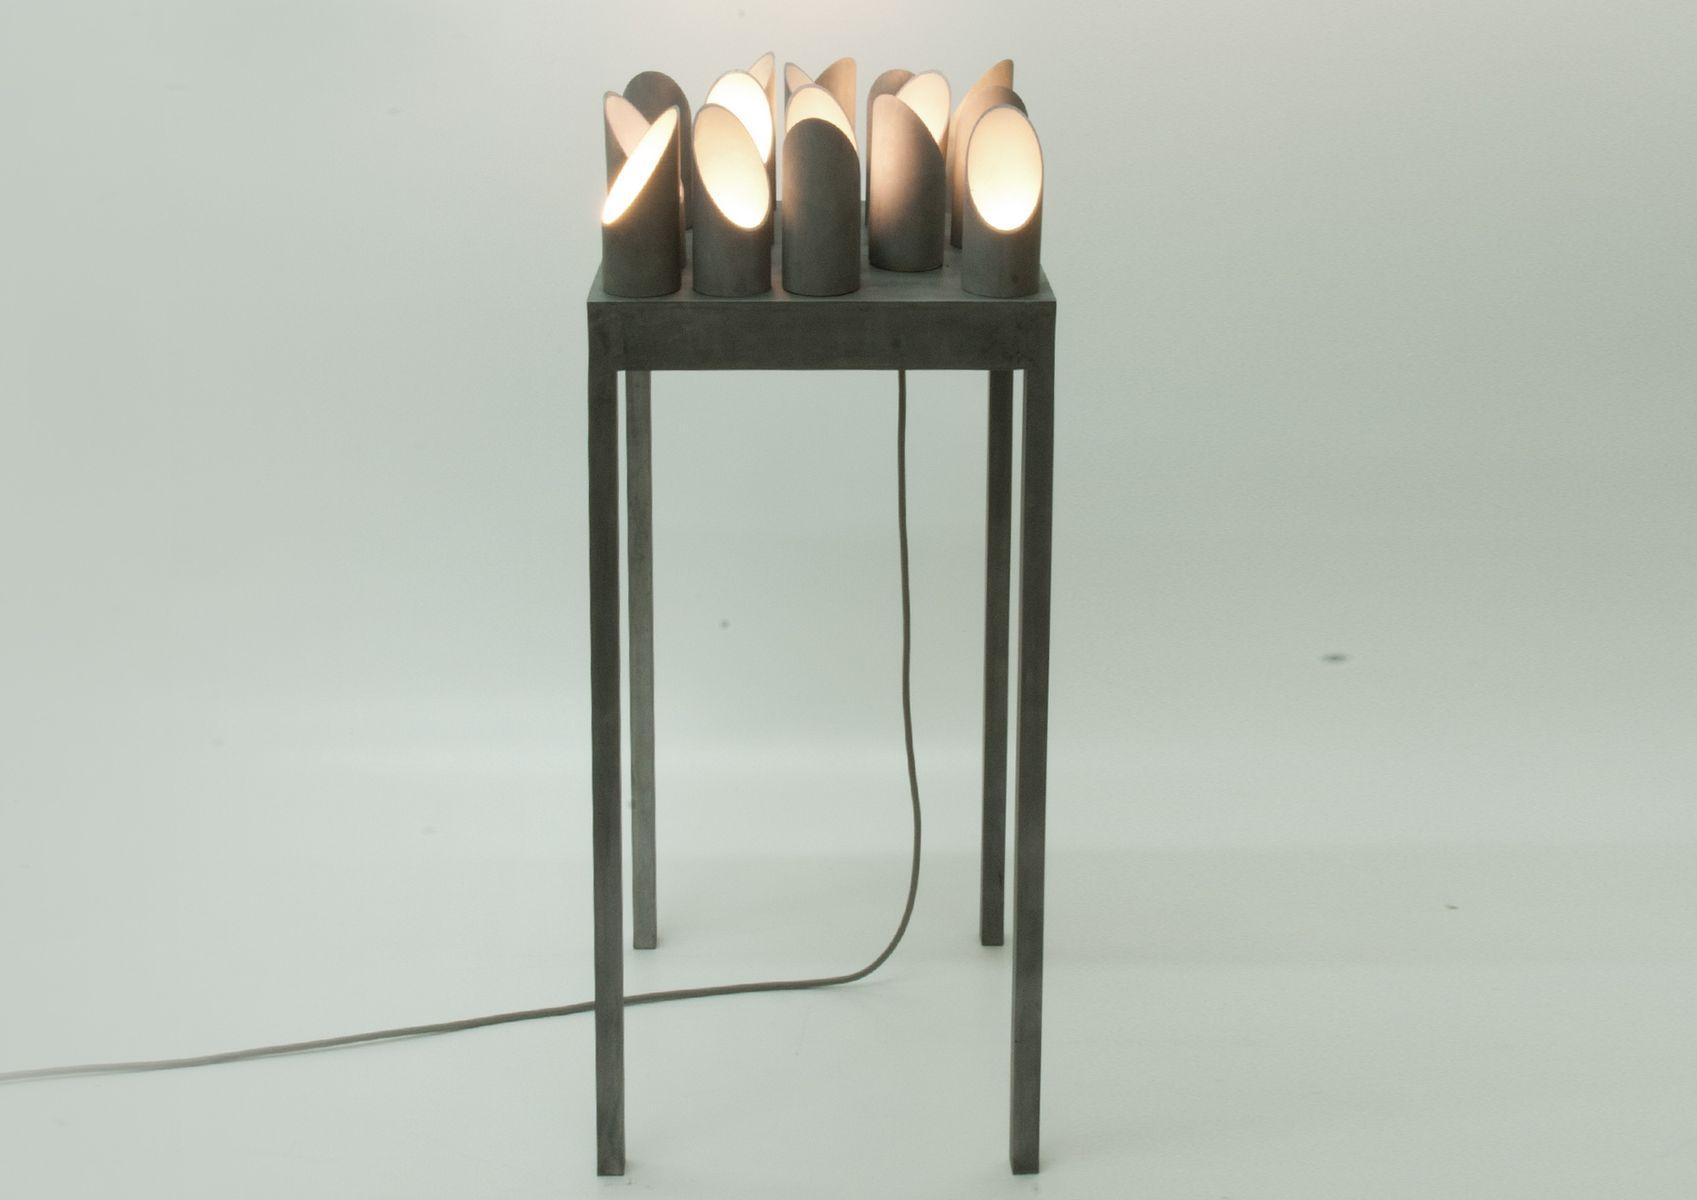 Dornentisch Aluminium Light Skulptur von early light